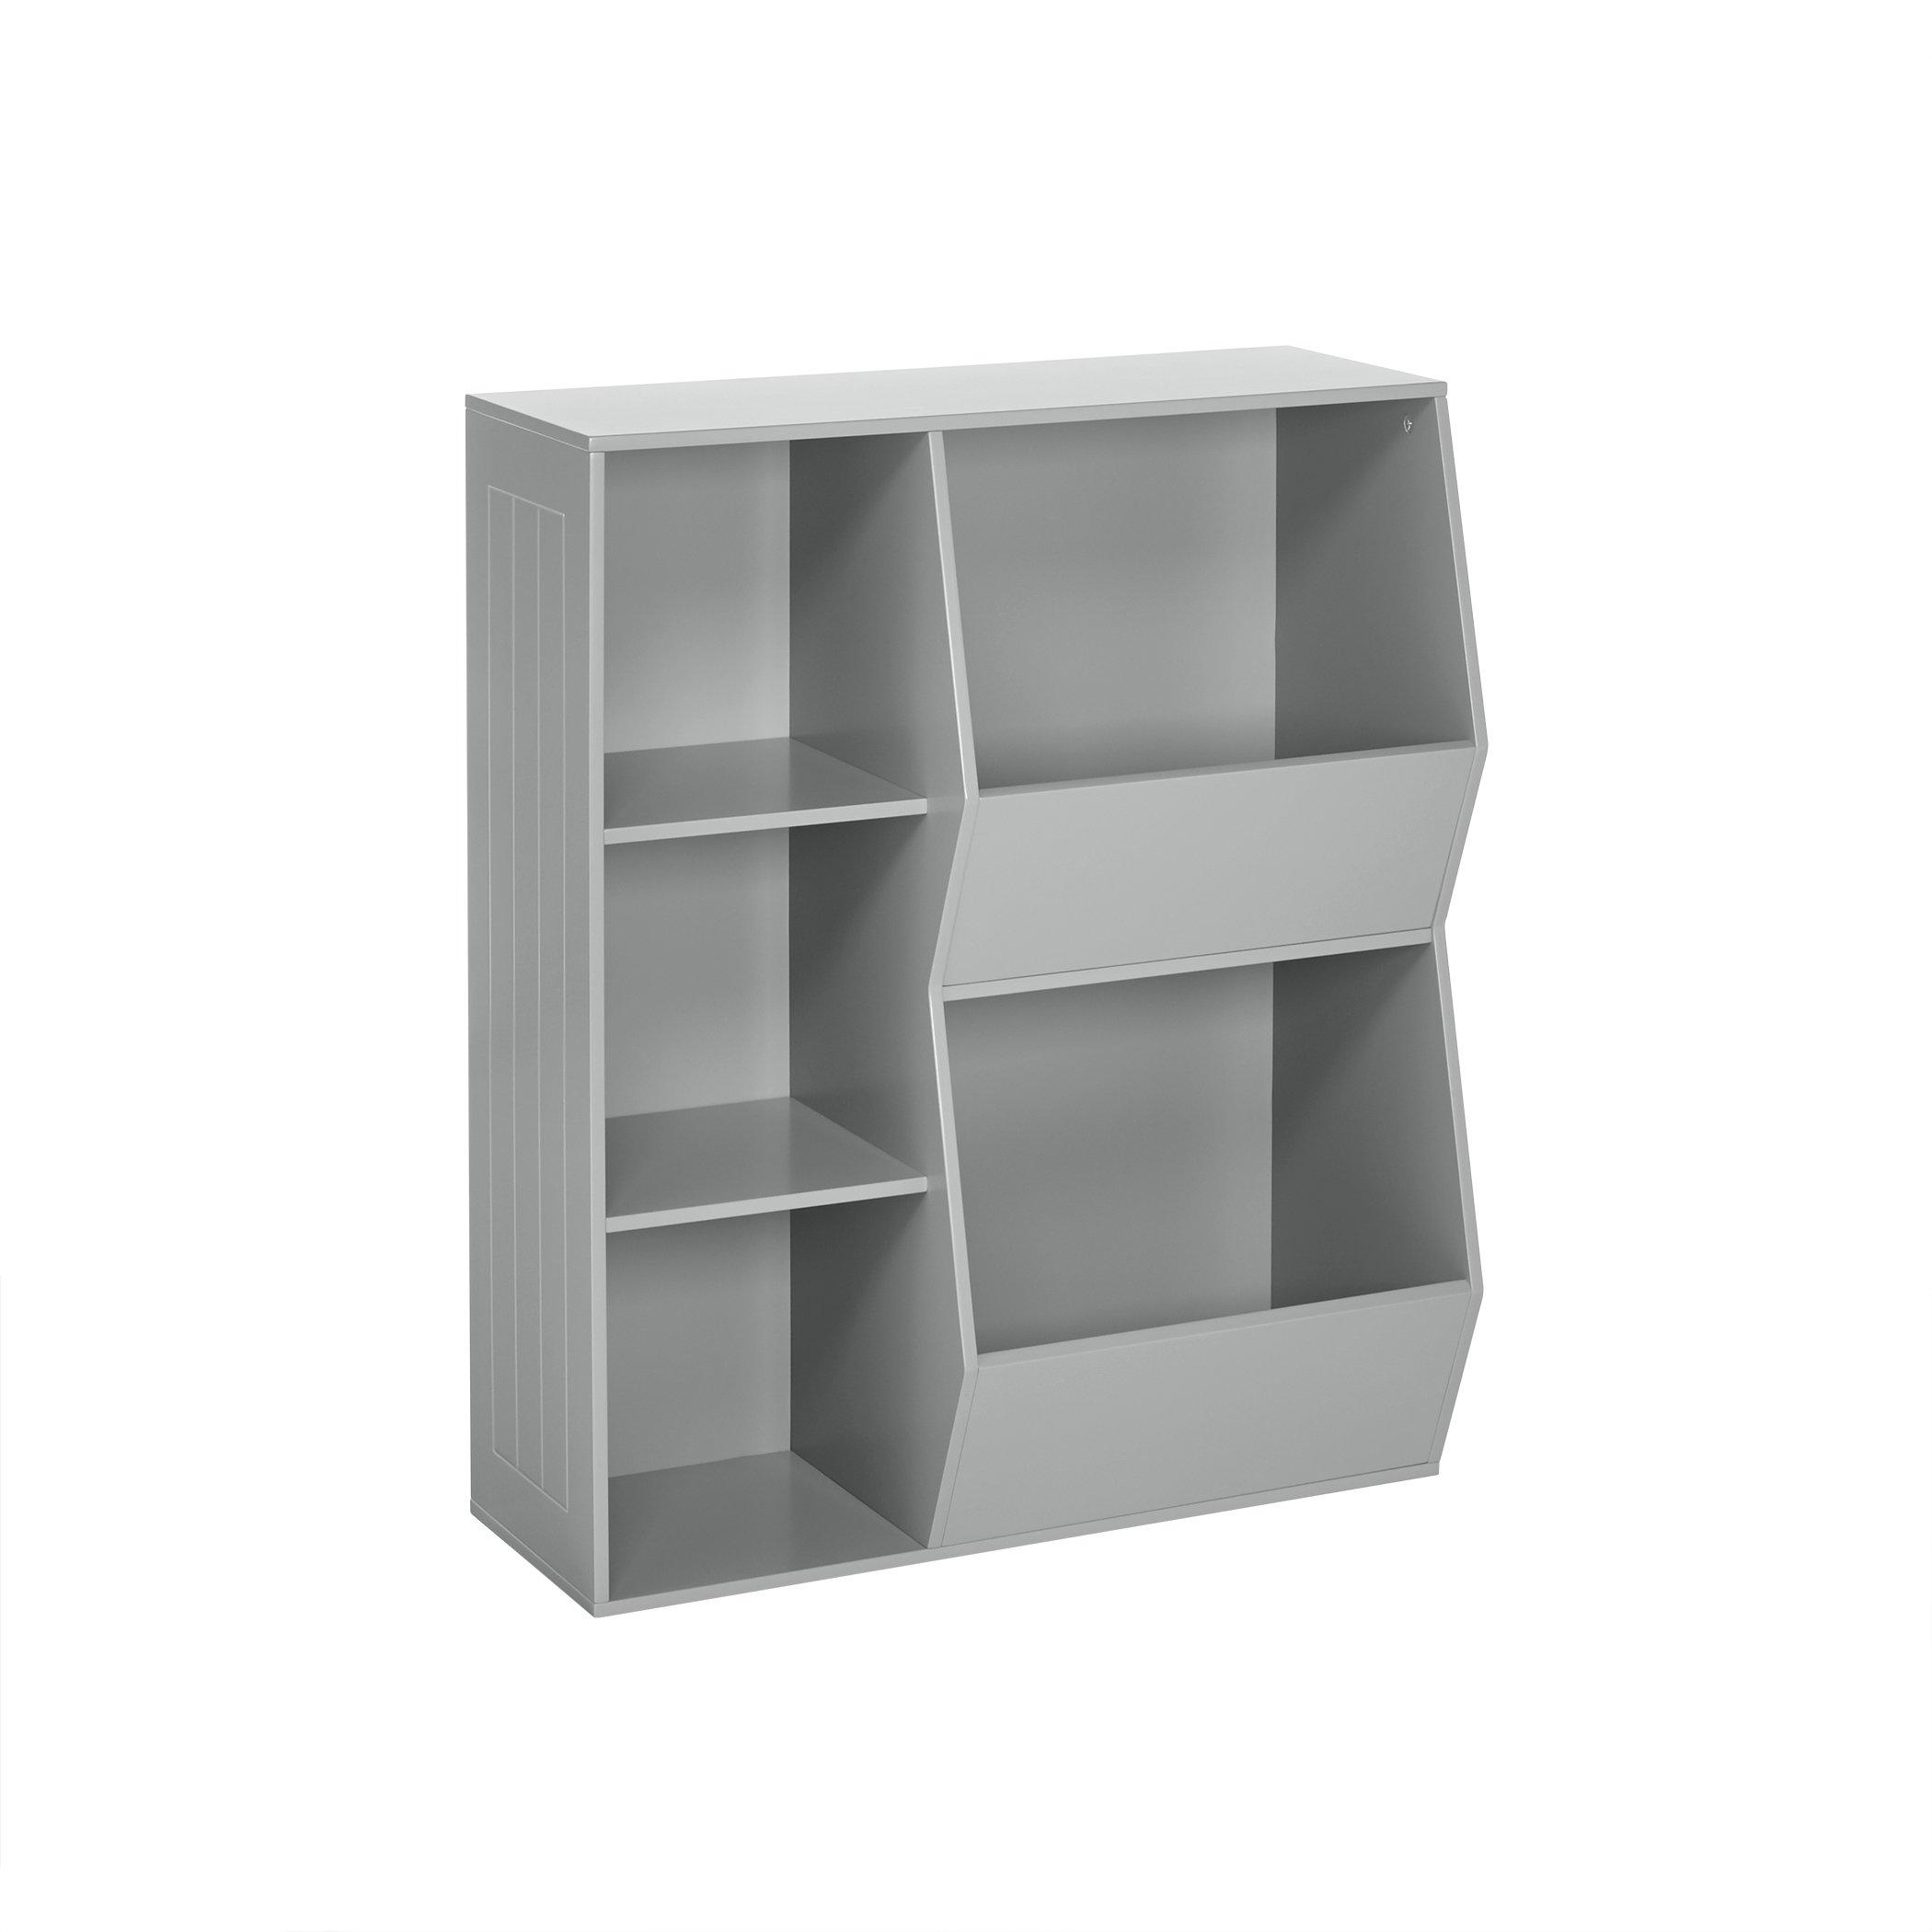 RiverRidge 02-147 2-Veggie Bin Kids Floor Cabinet, Gray by RiverRidge Home